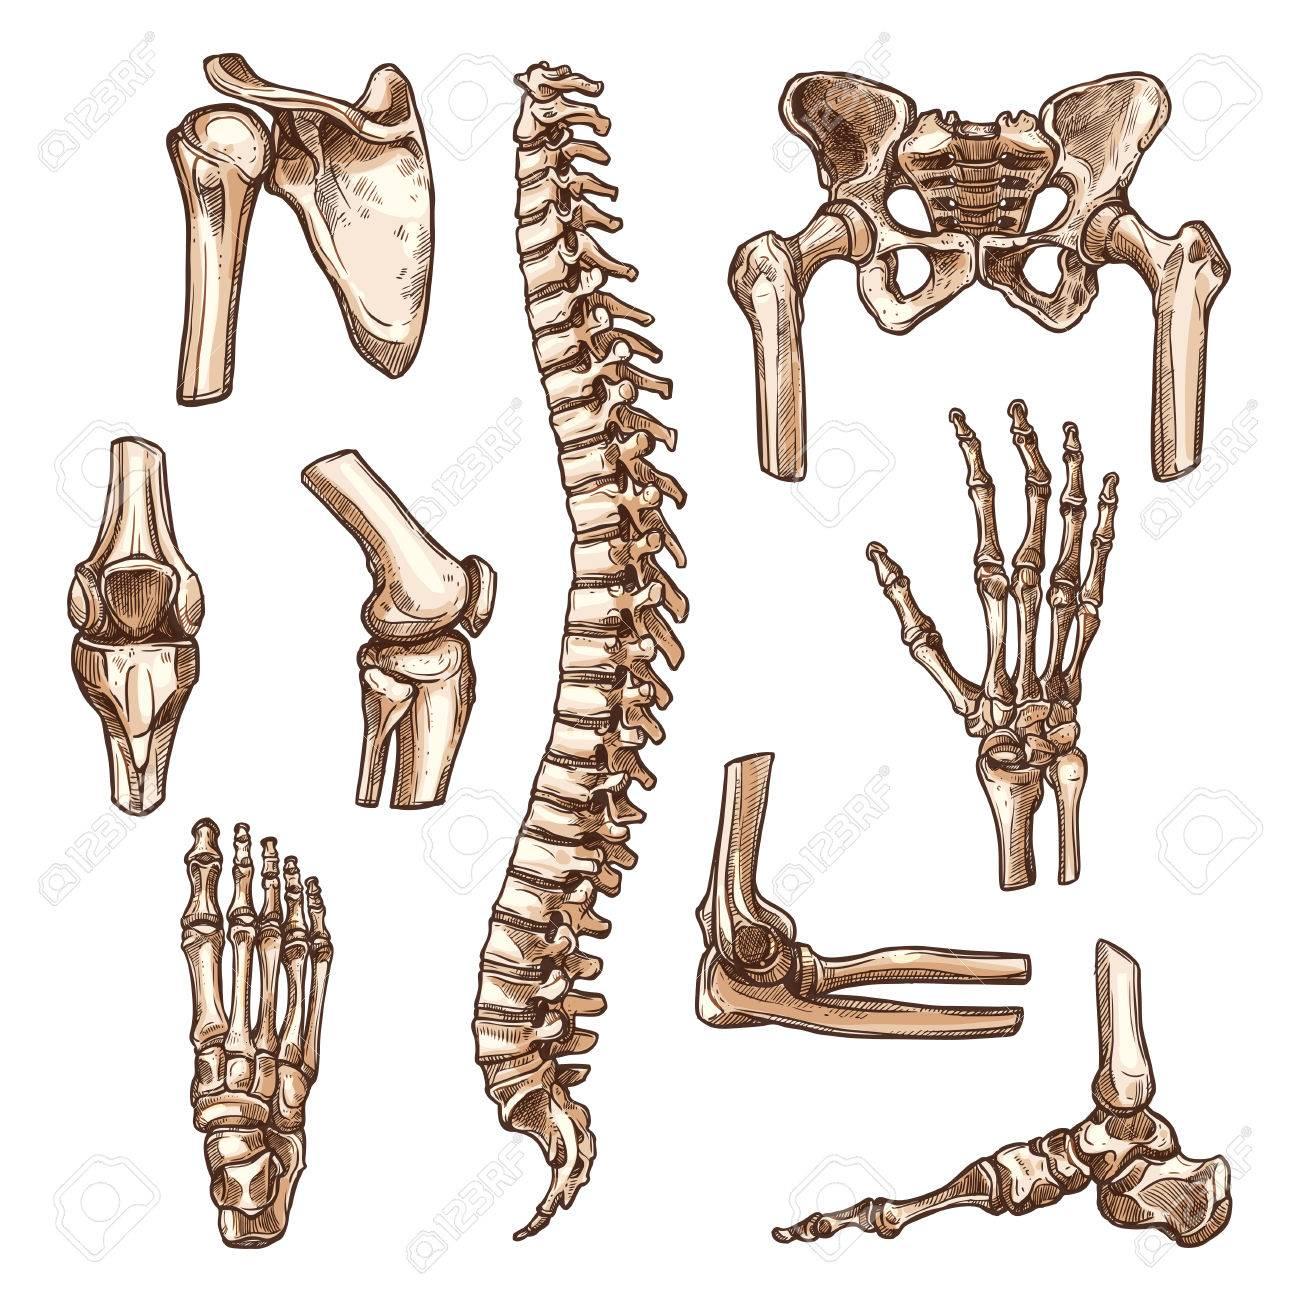 Knochen Und Gelenk Der Menschlichen Skelett Skizze Gesetzt. Hand ...